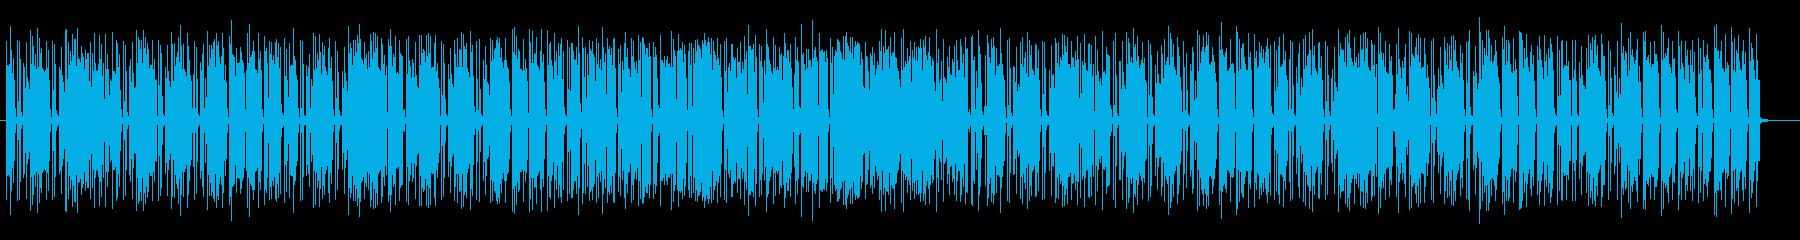 軽やかに弾むミュージックの再生済みの波形